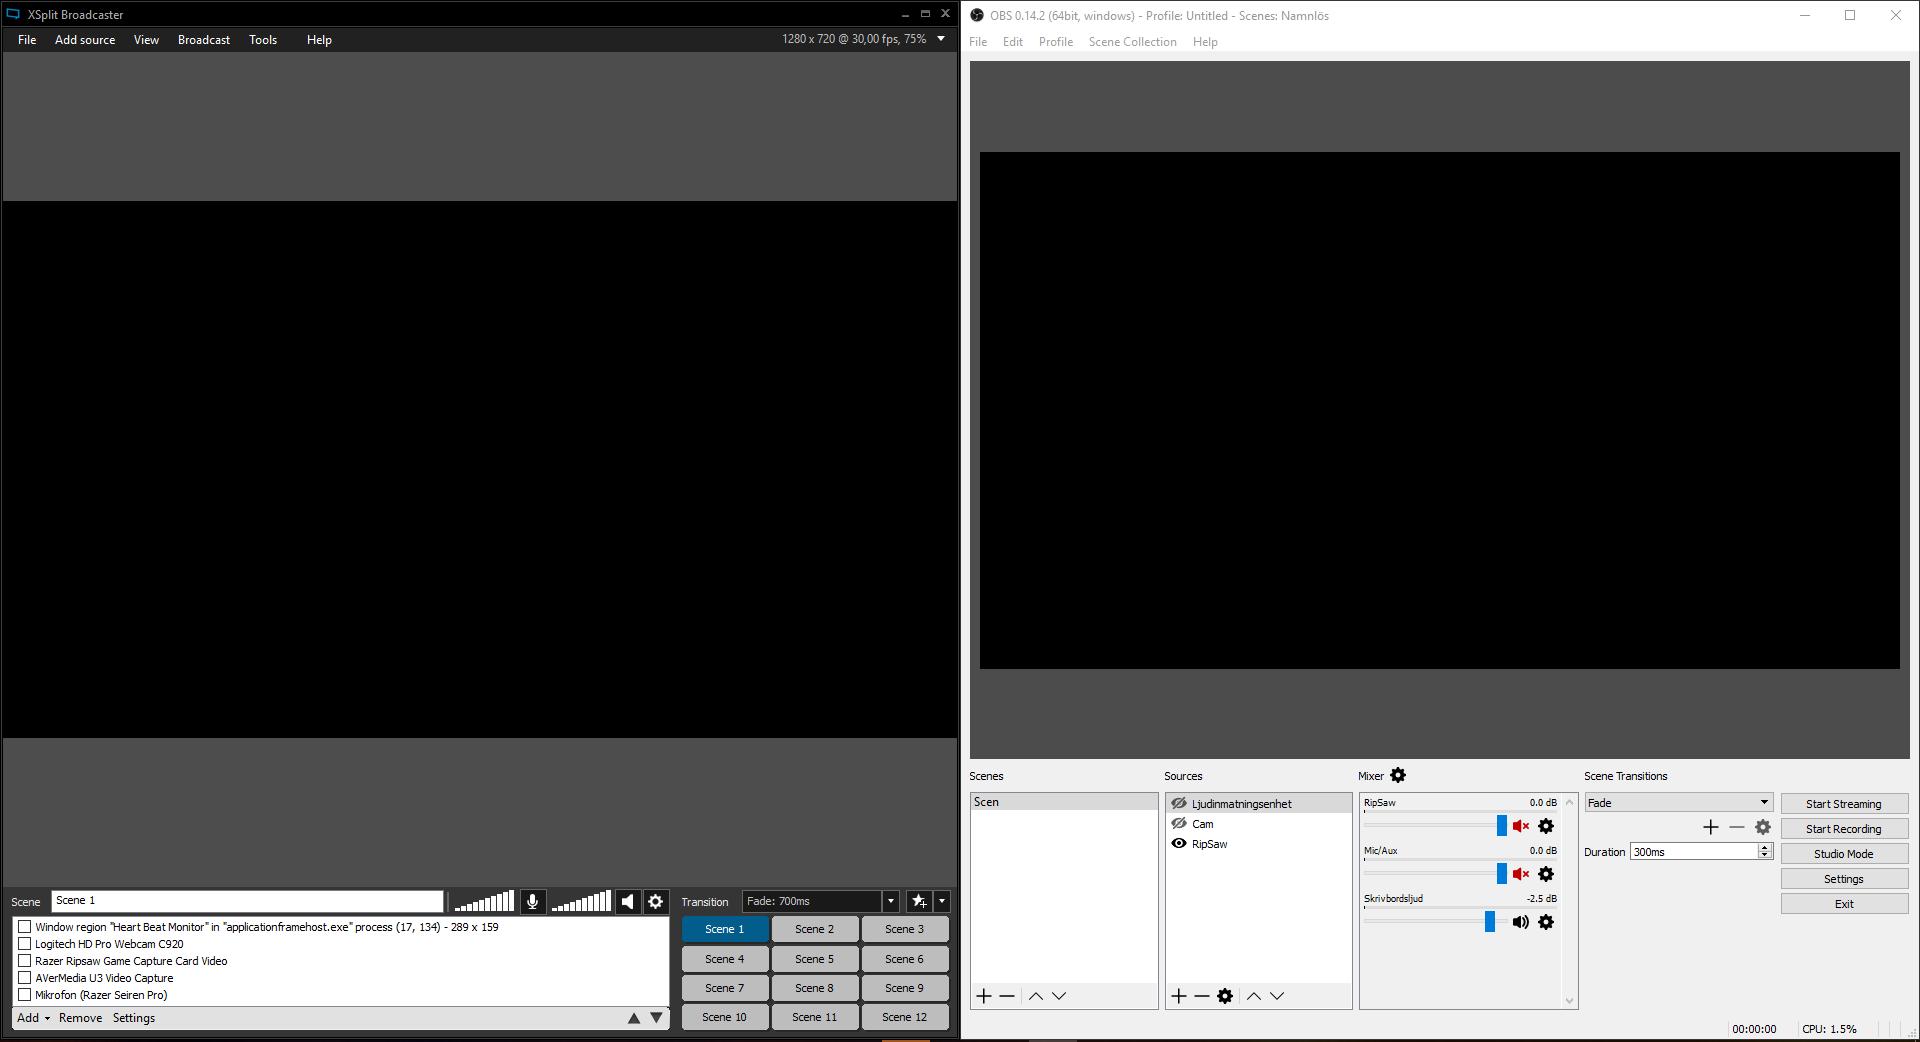 Här ser du OBS och XSplit sida vid sida